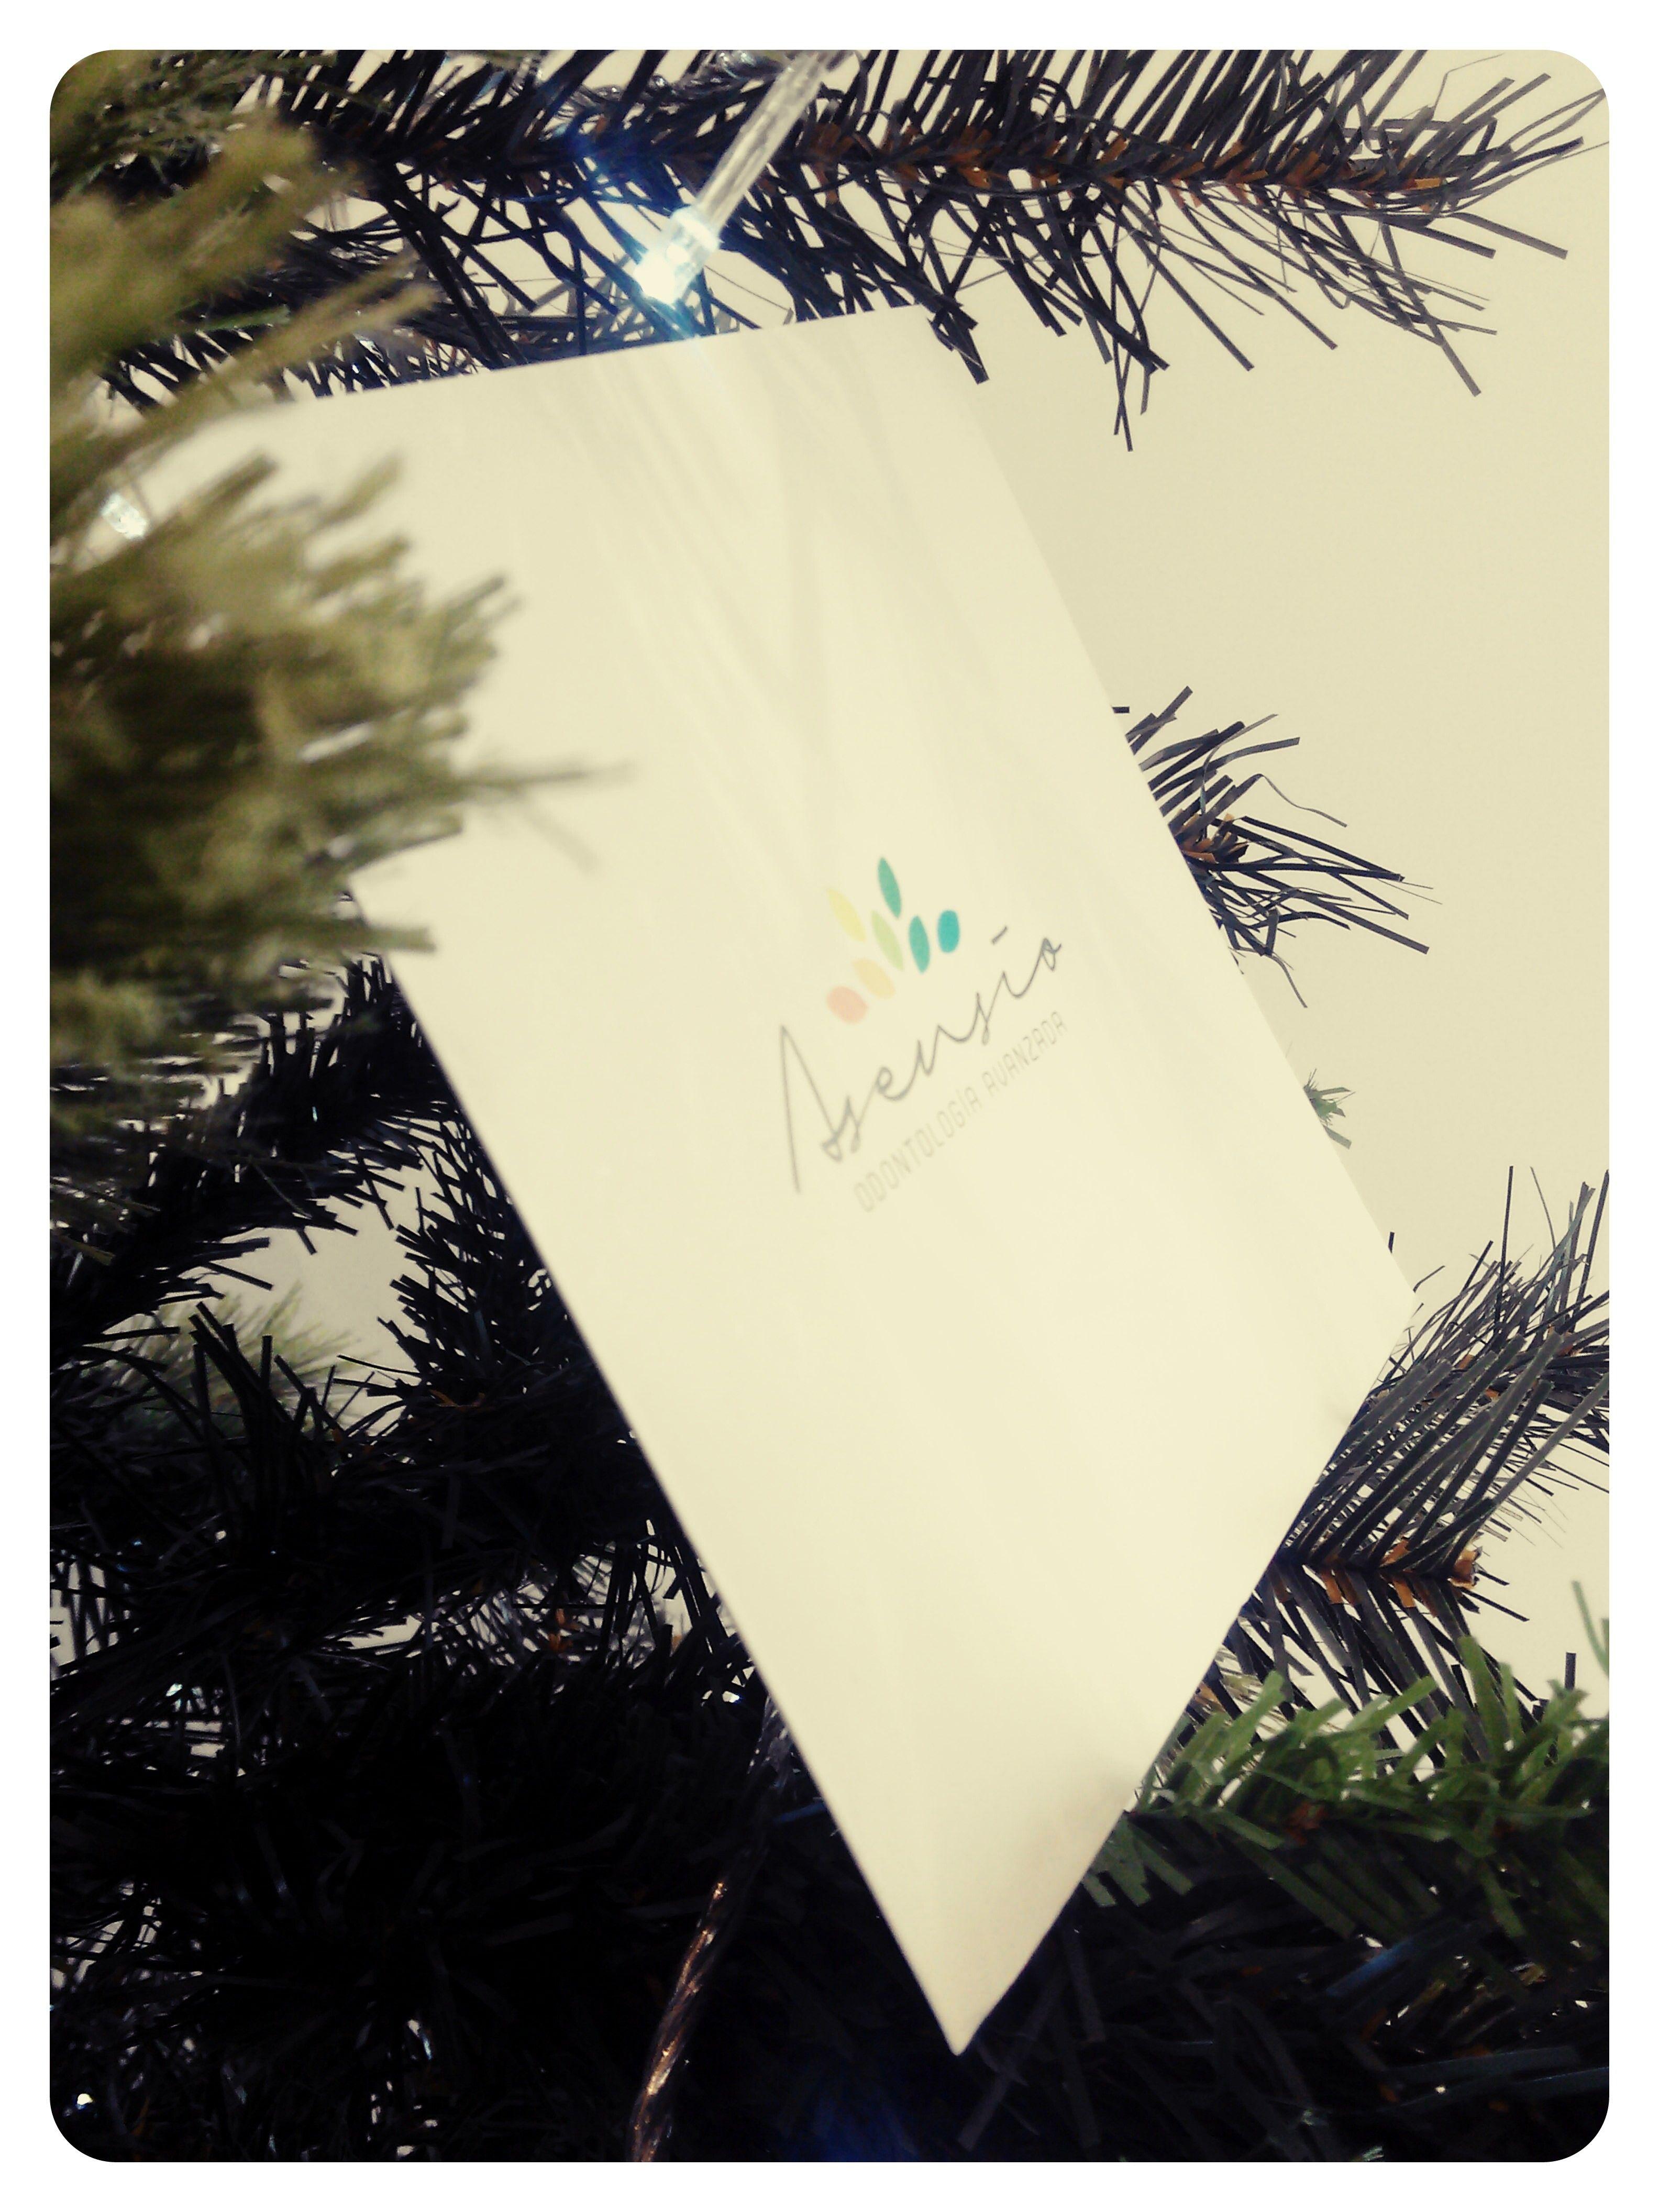 La navidad se cuela en nuestra clínica dental... Felices fiestas!